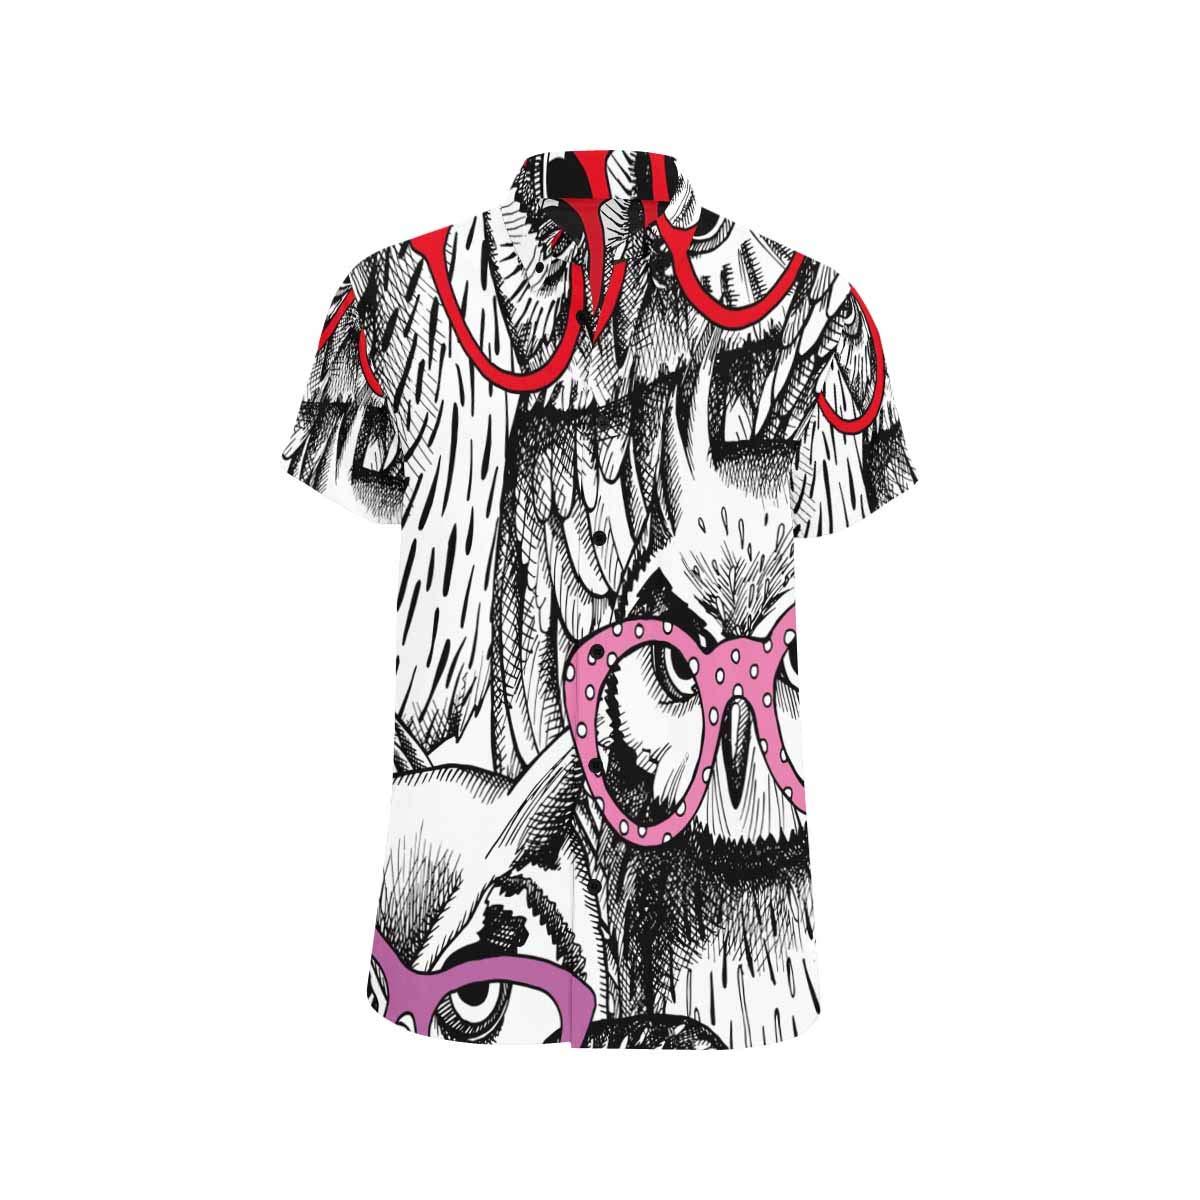 InterestPrint Men Regular Fit Owl Cartoon Style Print Casual Button Down Short Sleeve Shirt S-5XL